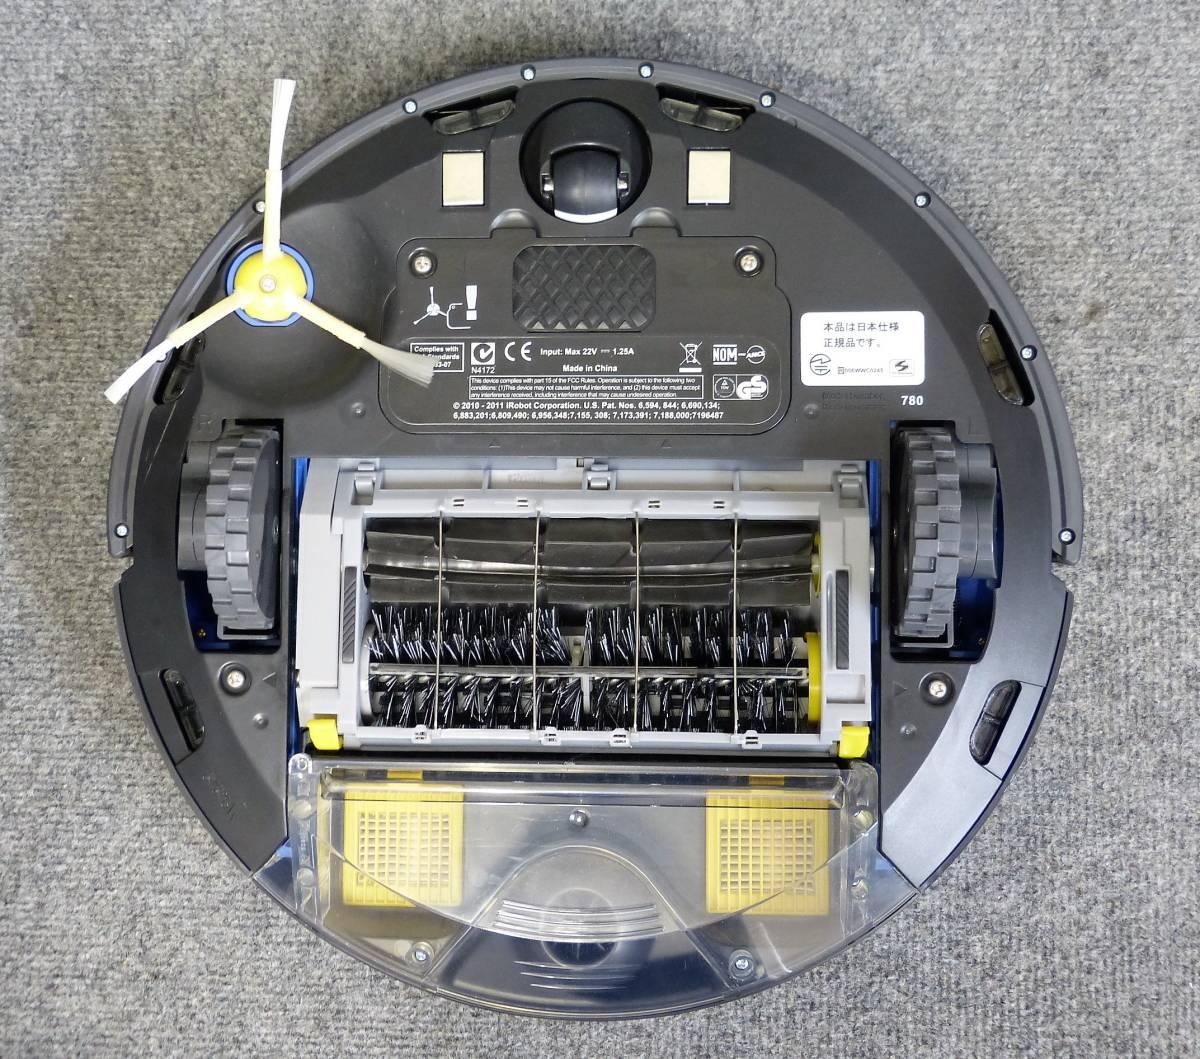 良品◎アイロボット☆自動掃除機ルンバ780 日本正規品 2012年製☆_画像3